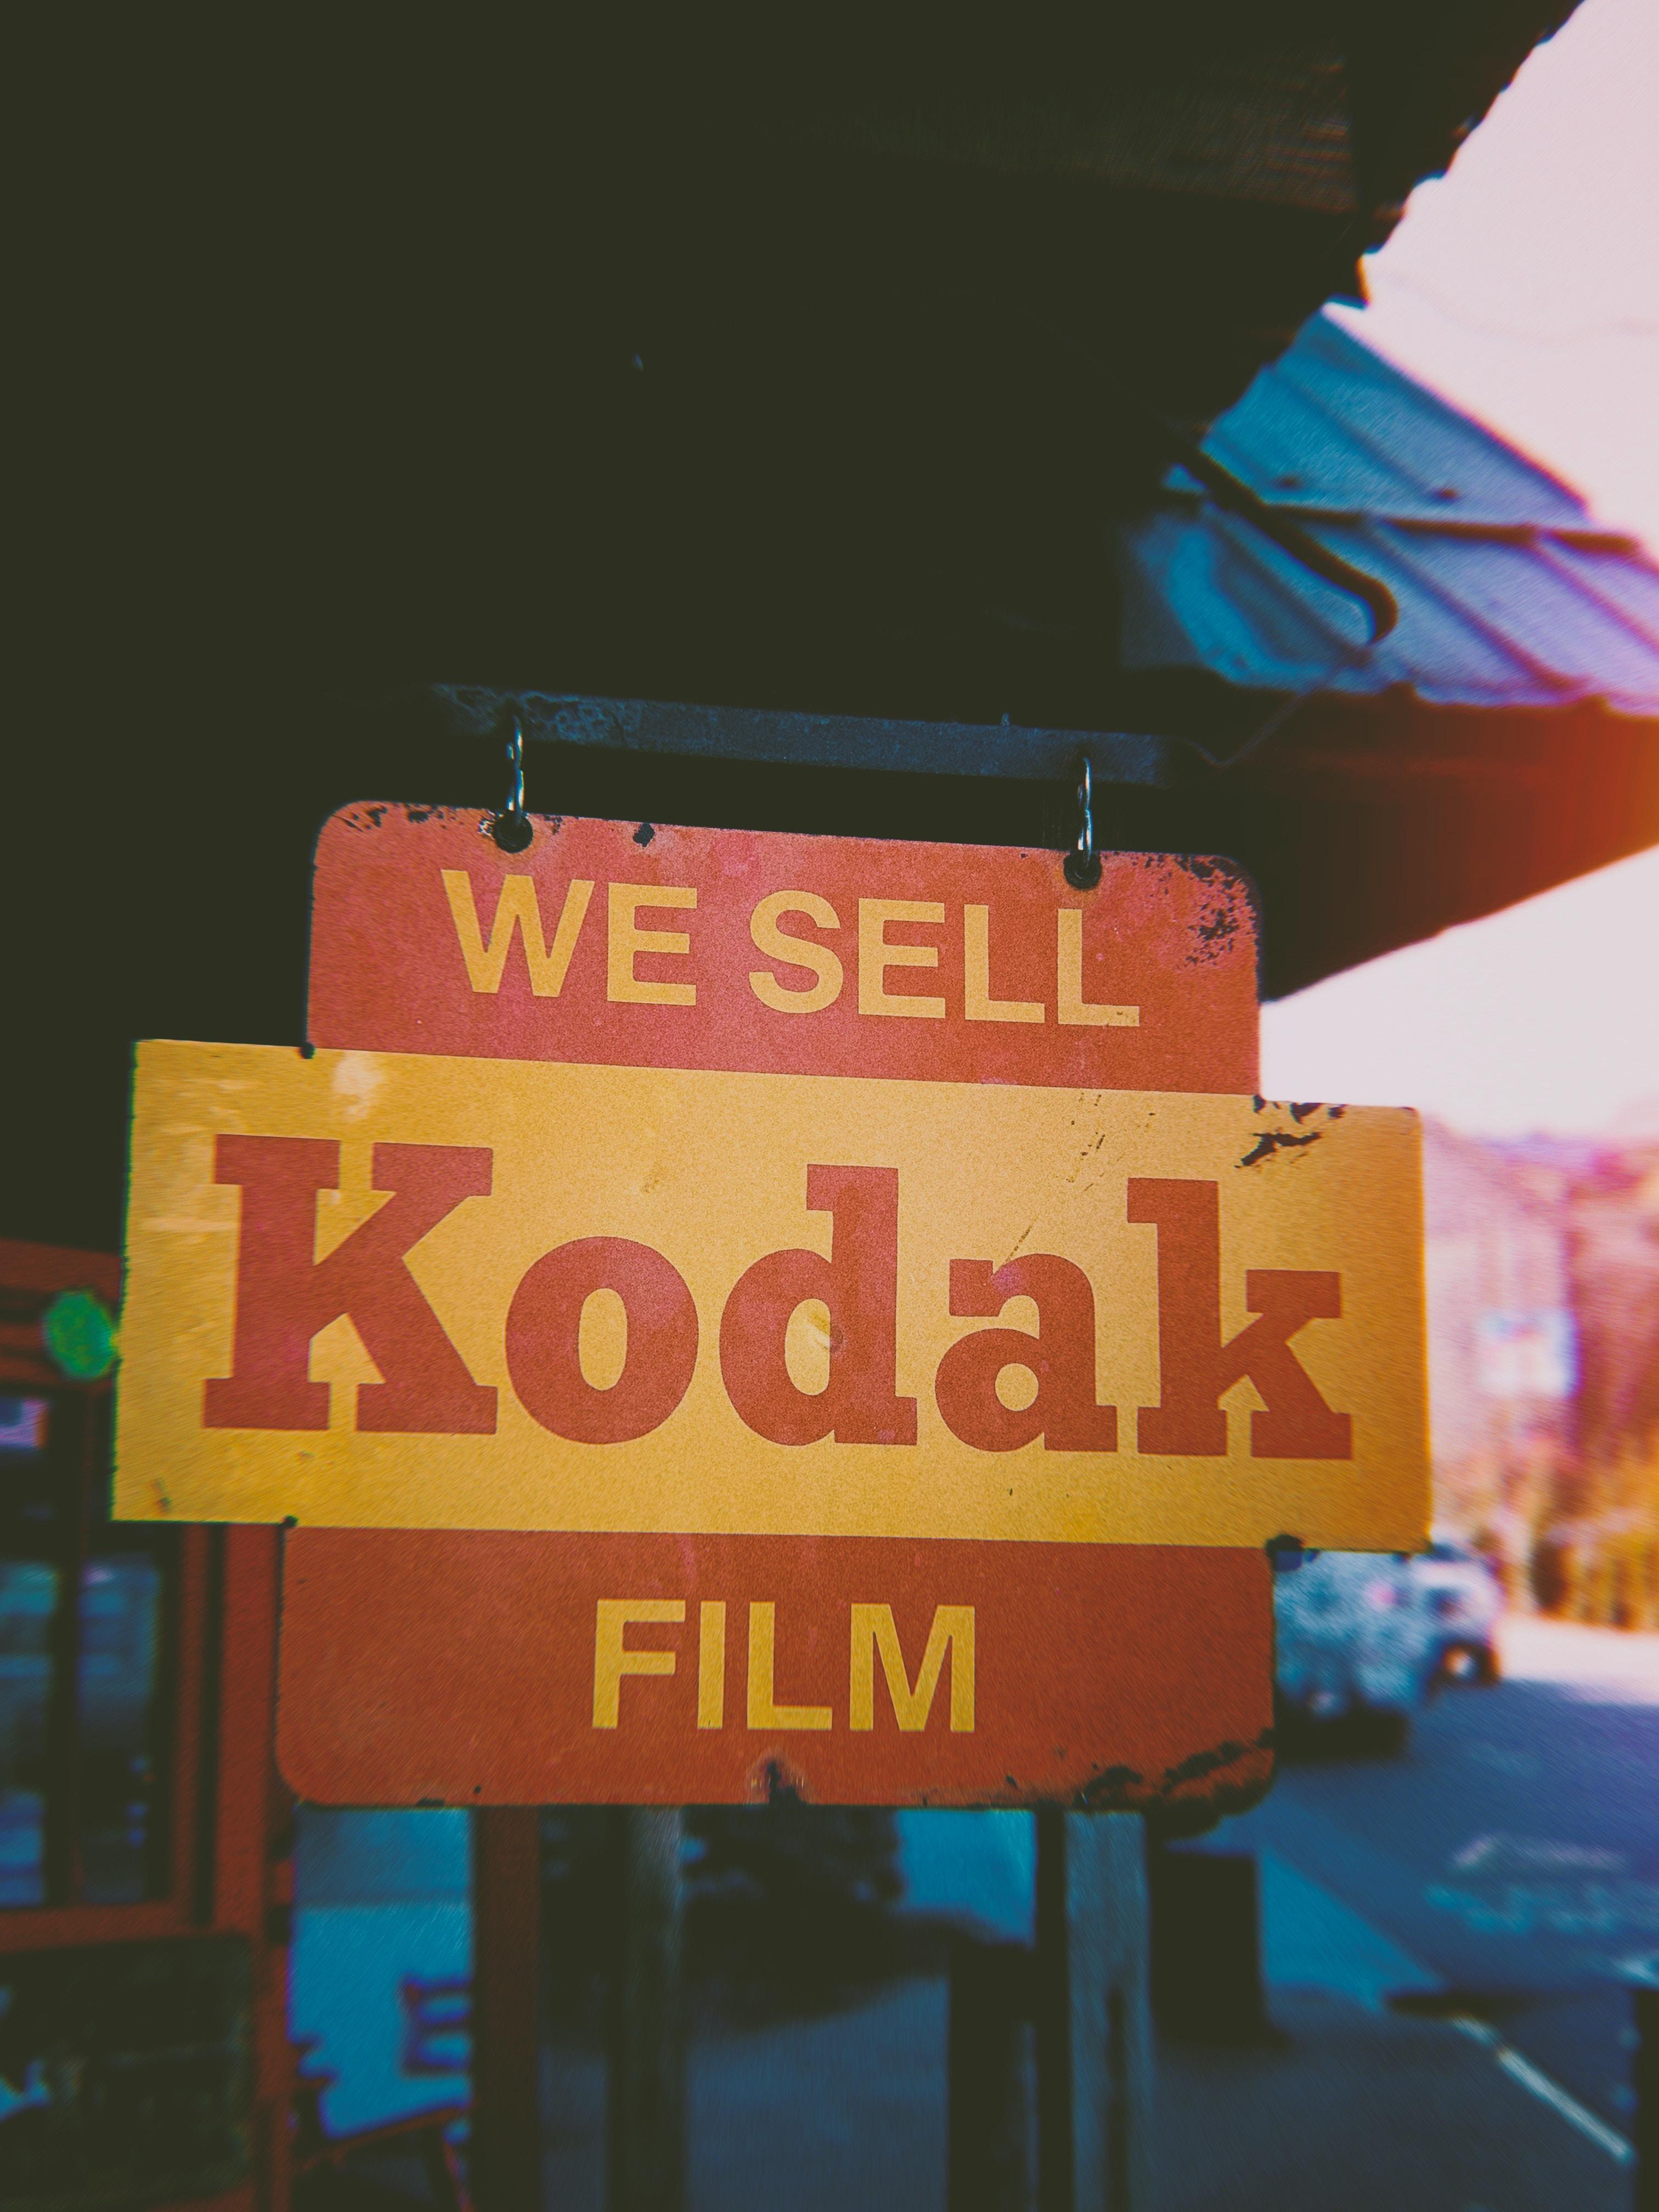 Kodak inny niż znacie